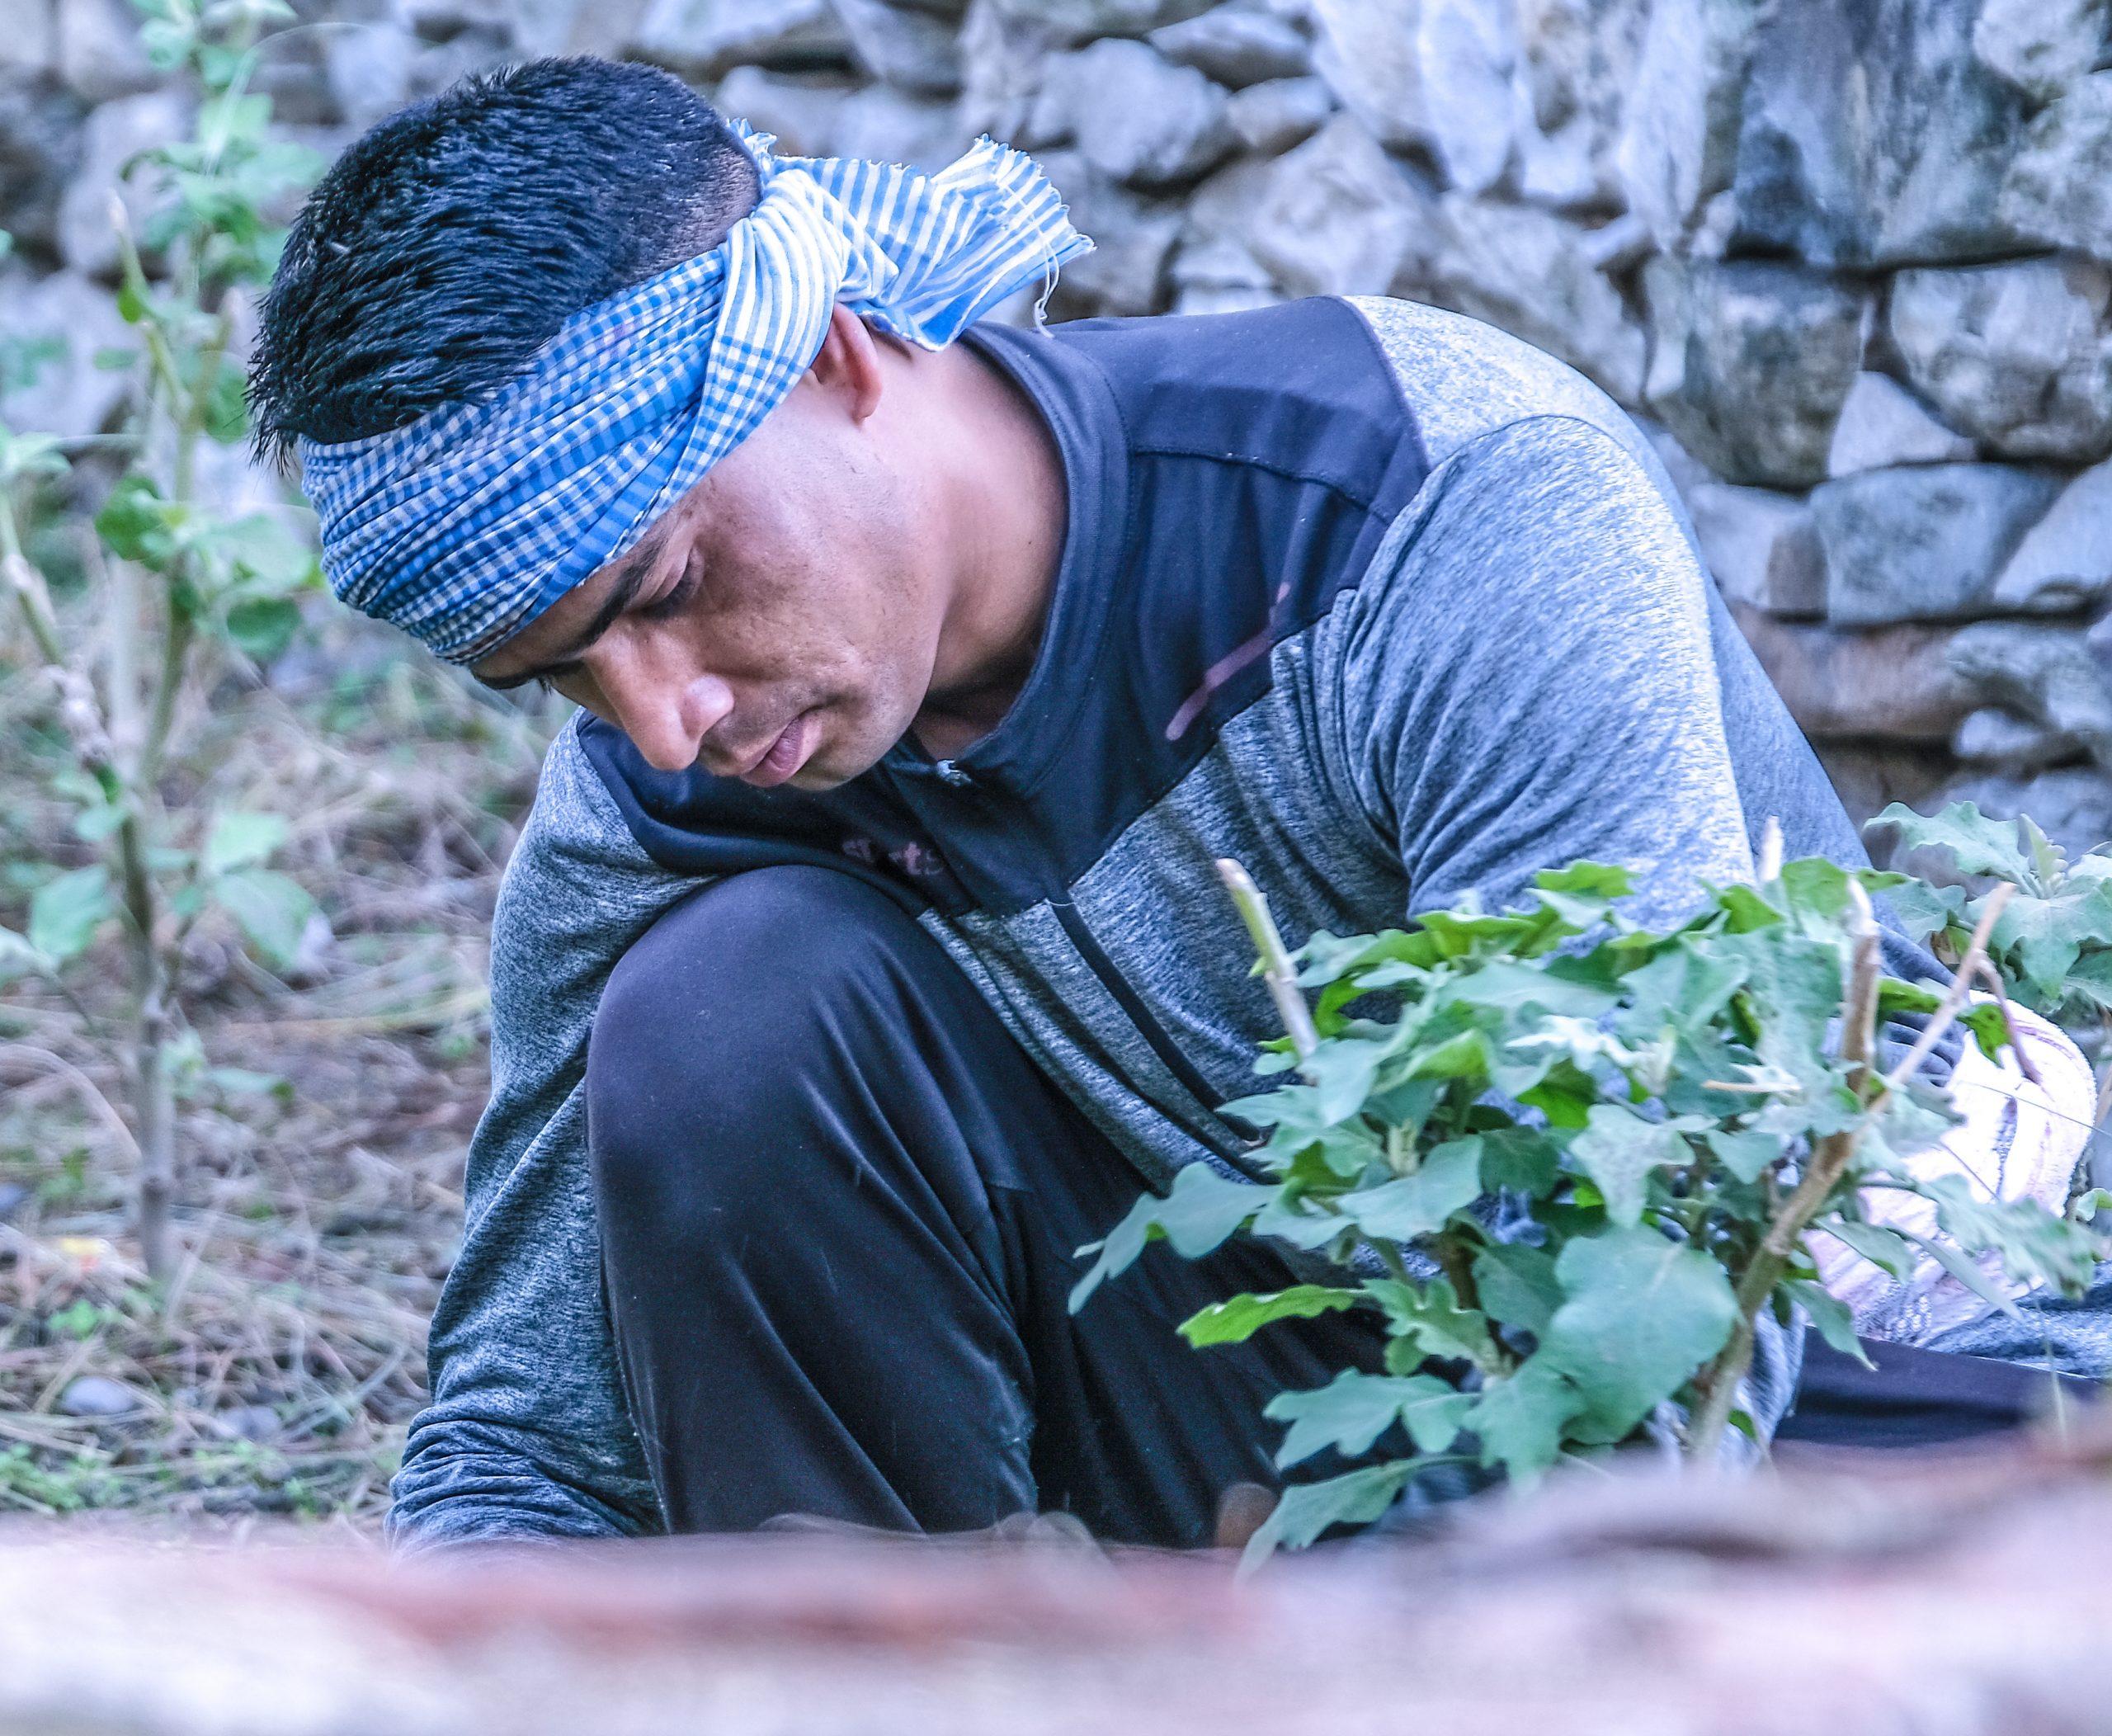 A farmer working in a field